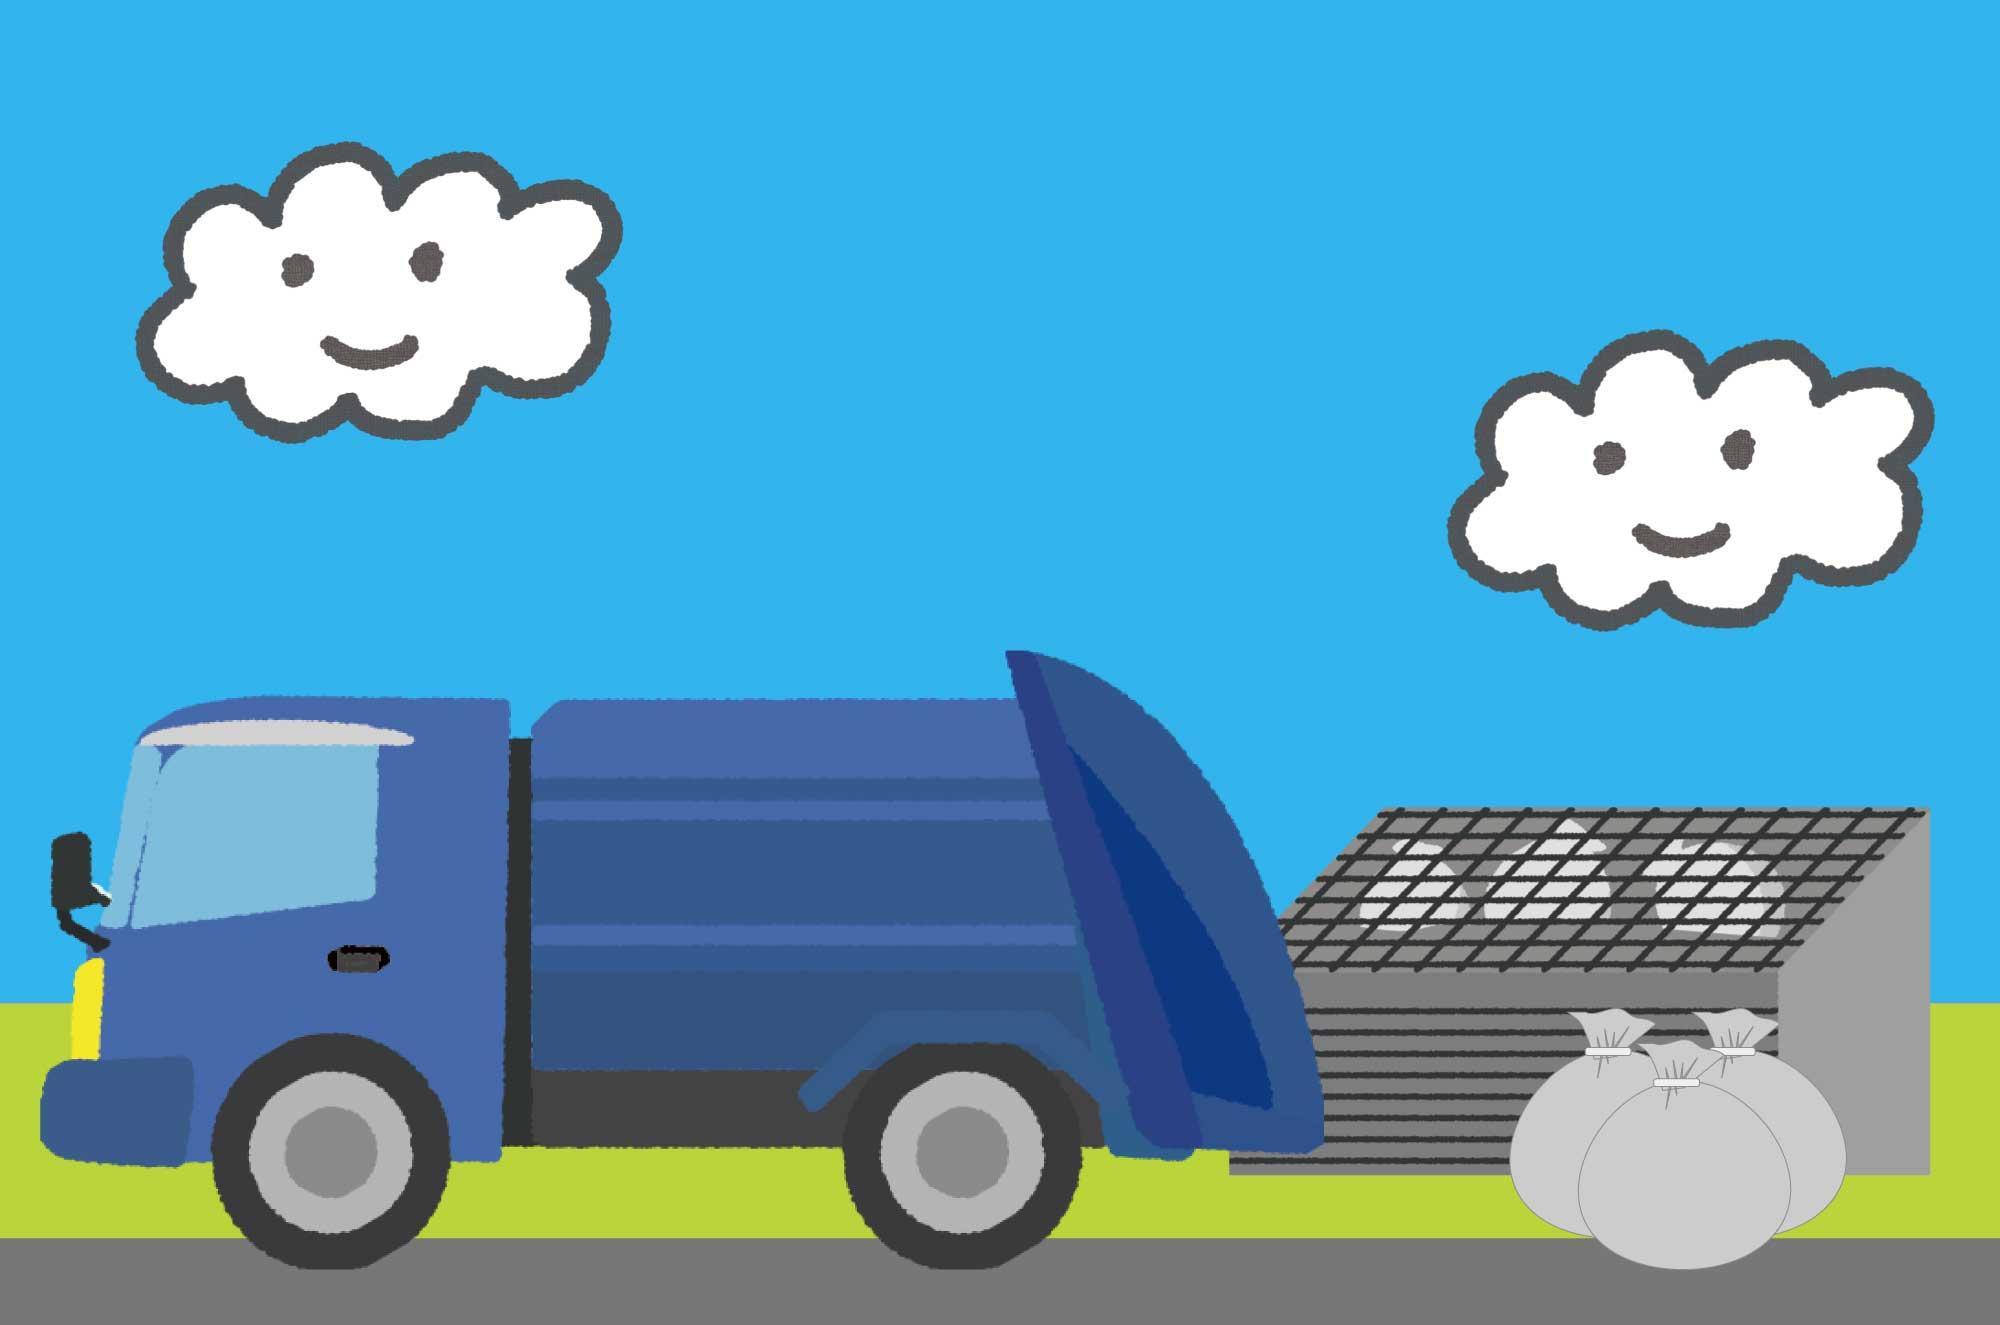 可愛いゴミ収集車のイラスト - 街の働く乗り物素材